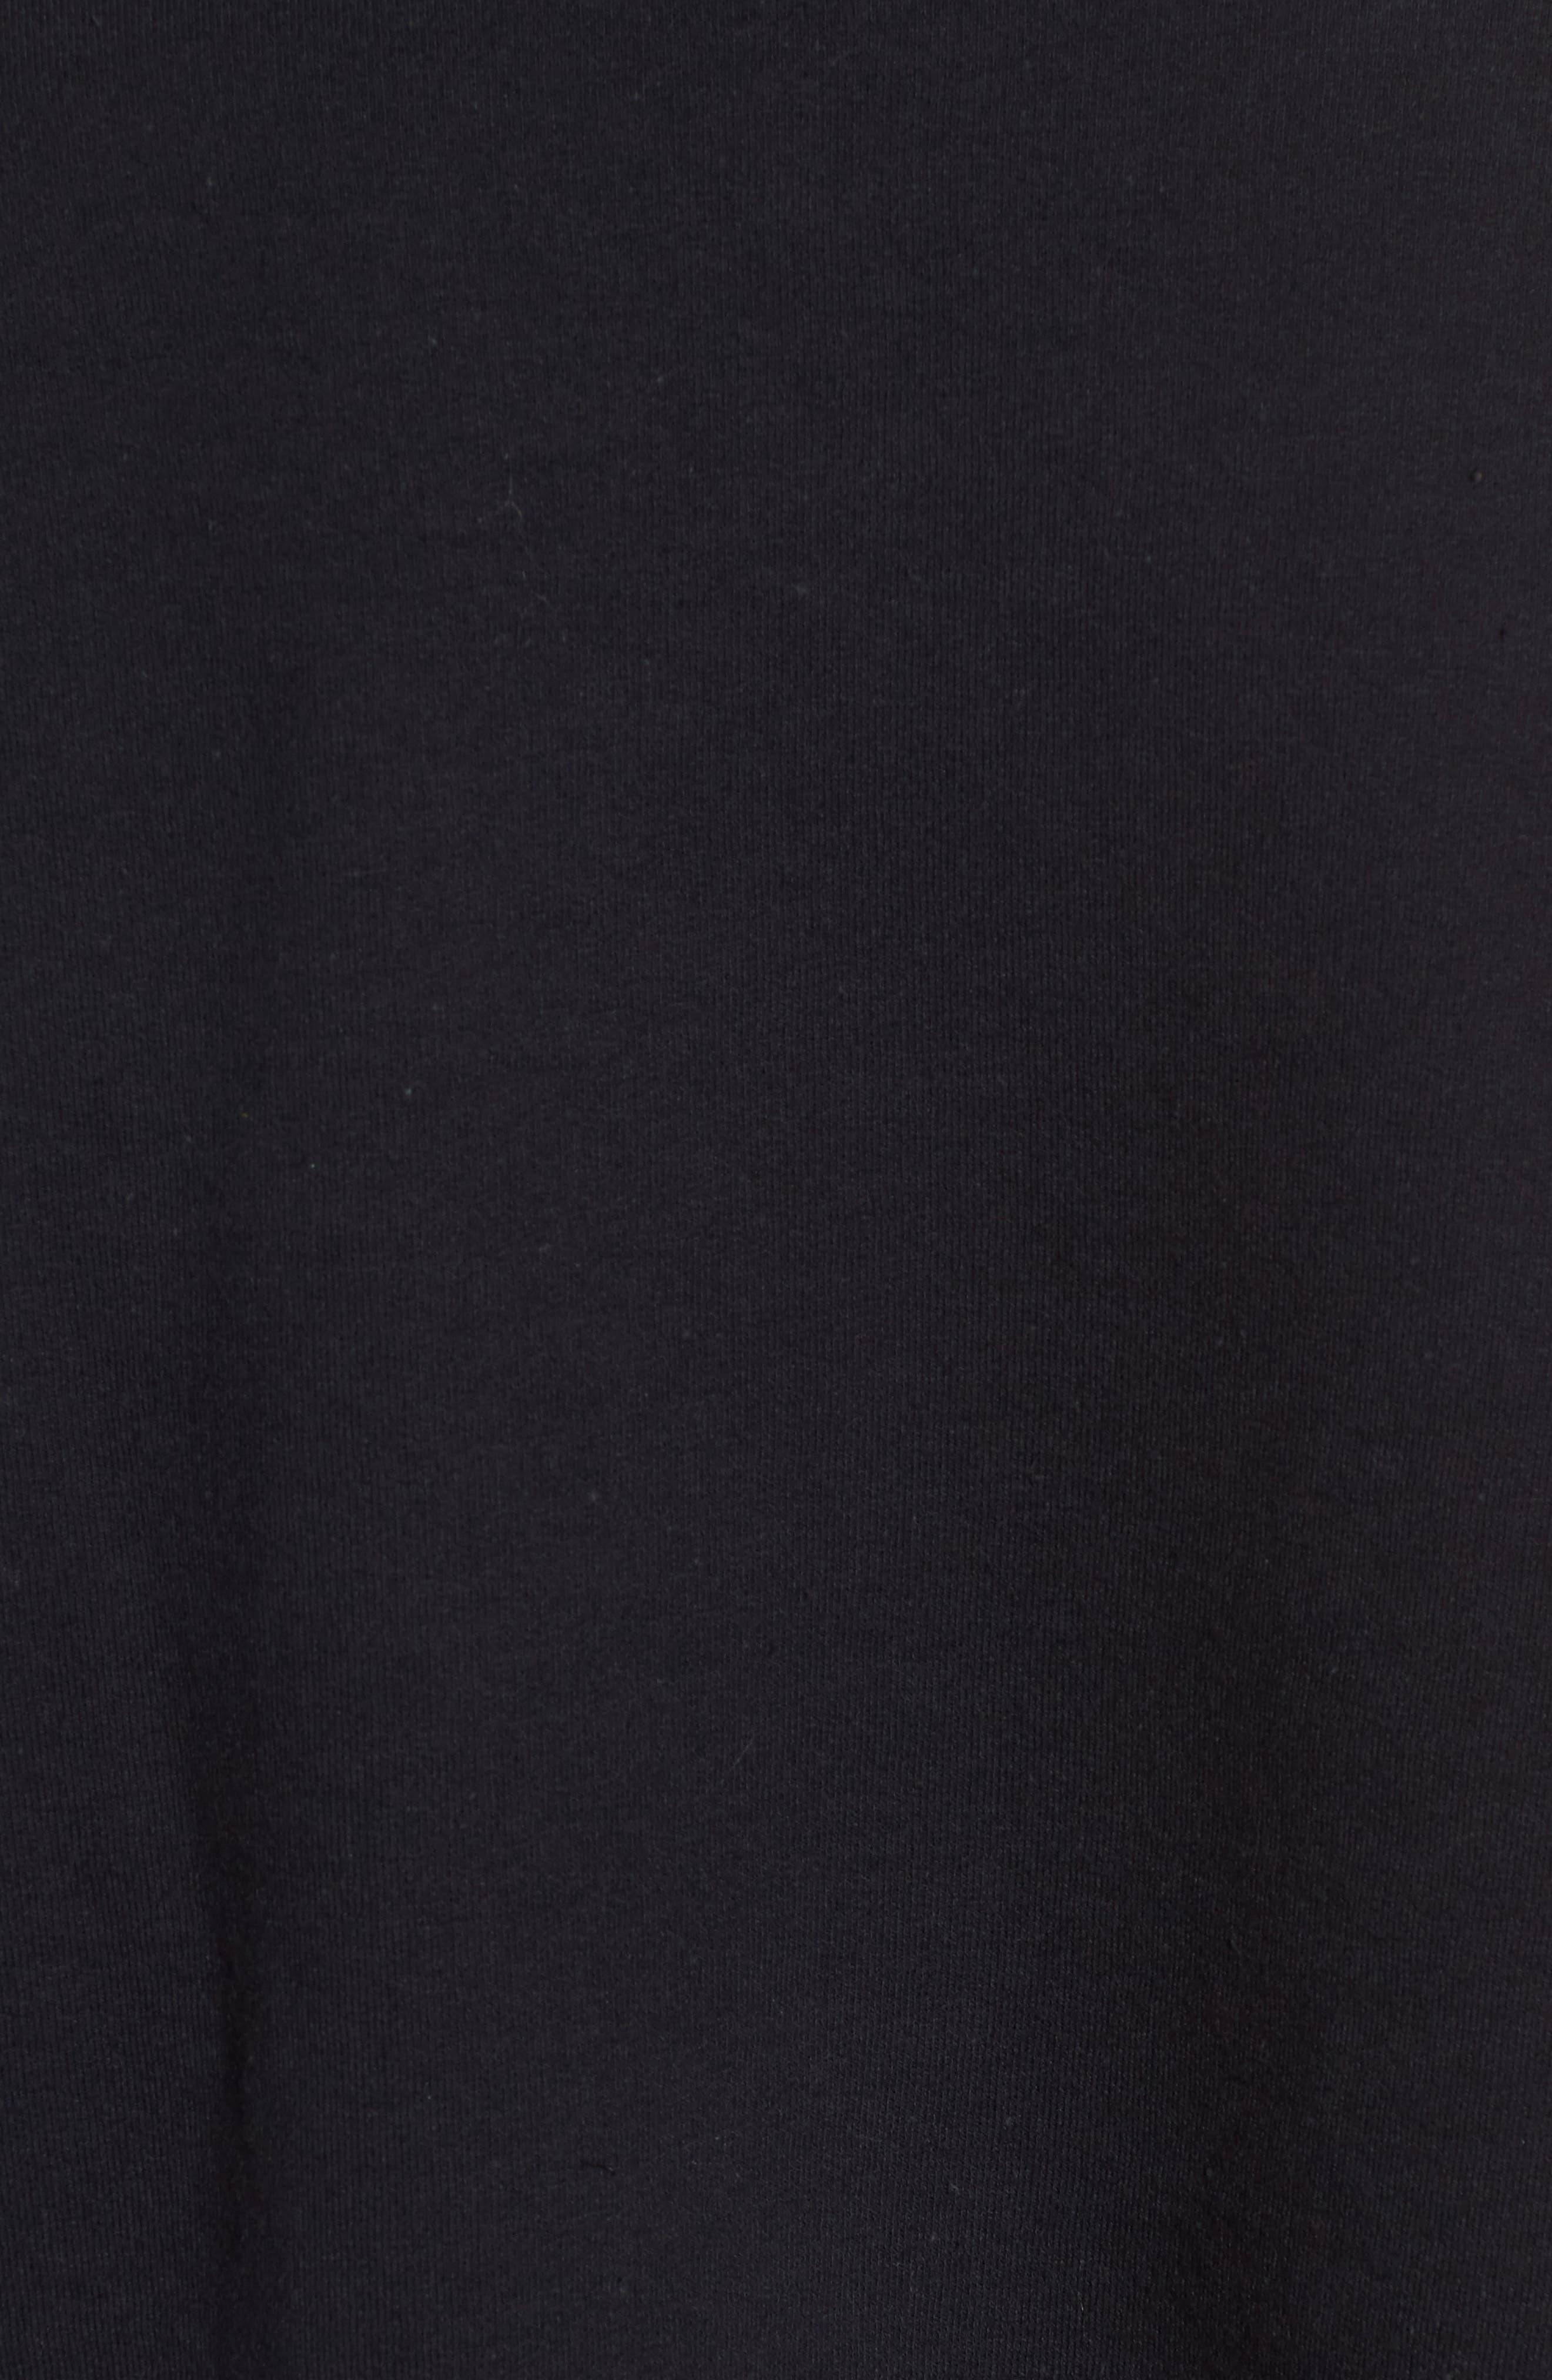 Mistletoe Sweatshirt,                             Alternate thumbnail 5, color,                             Black